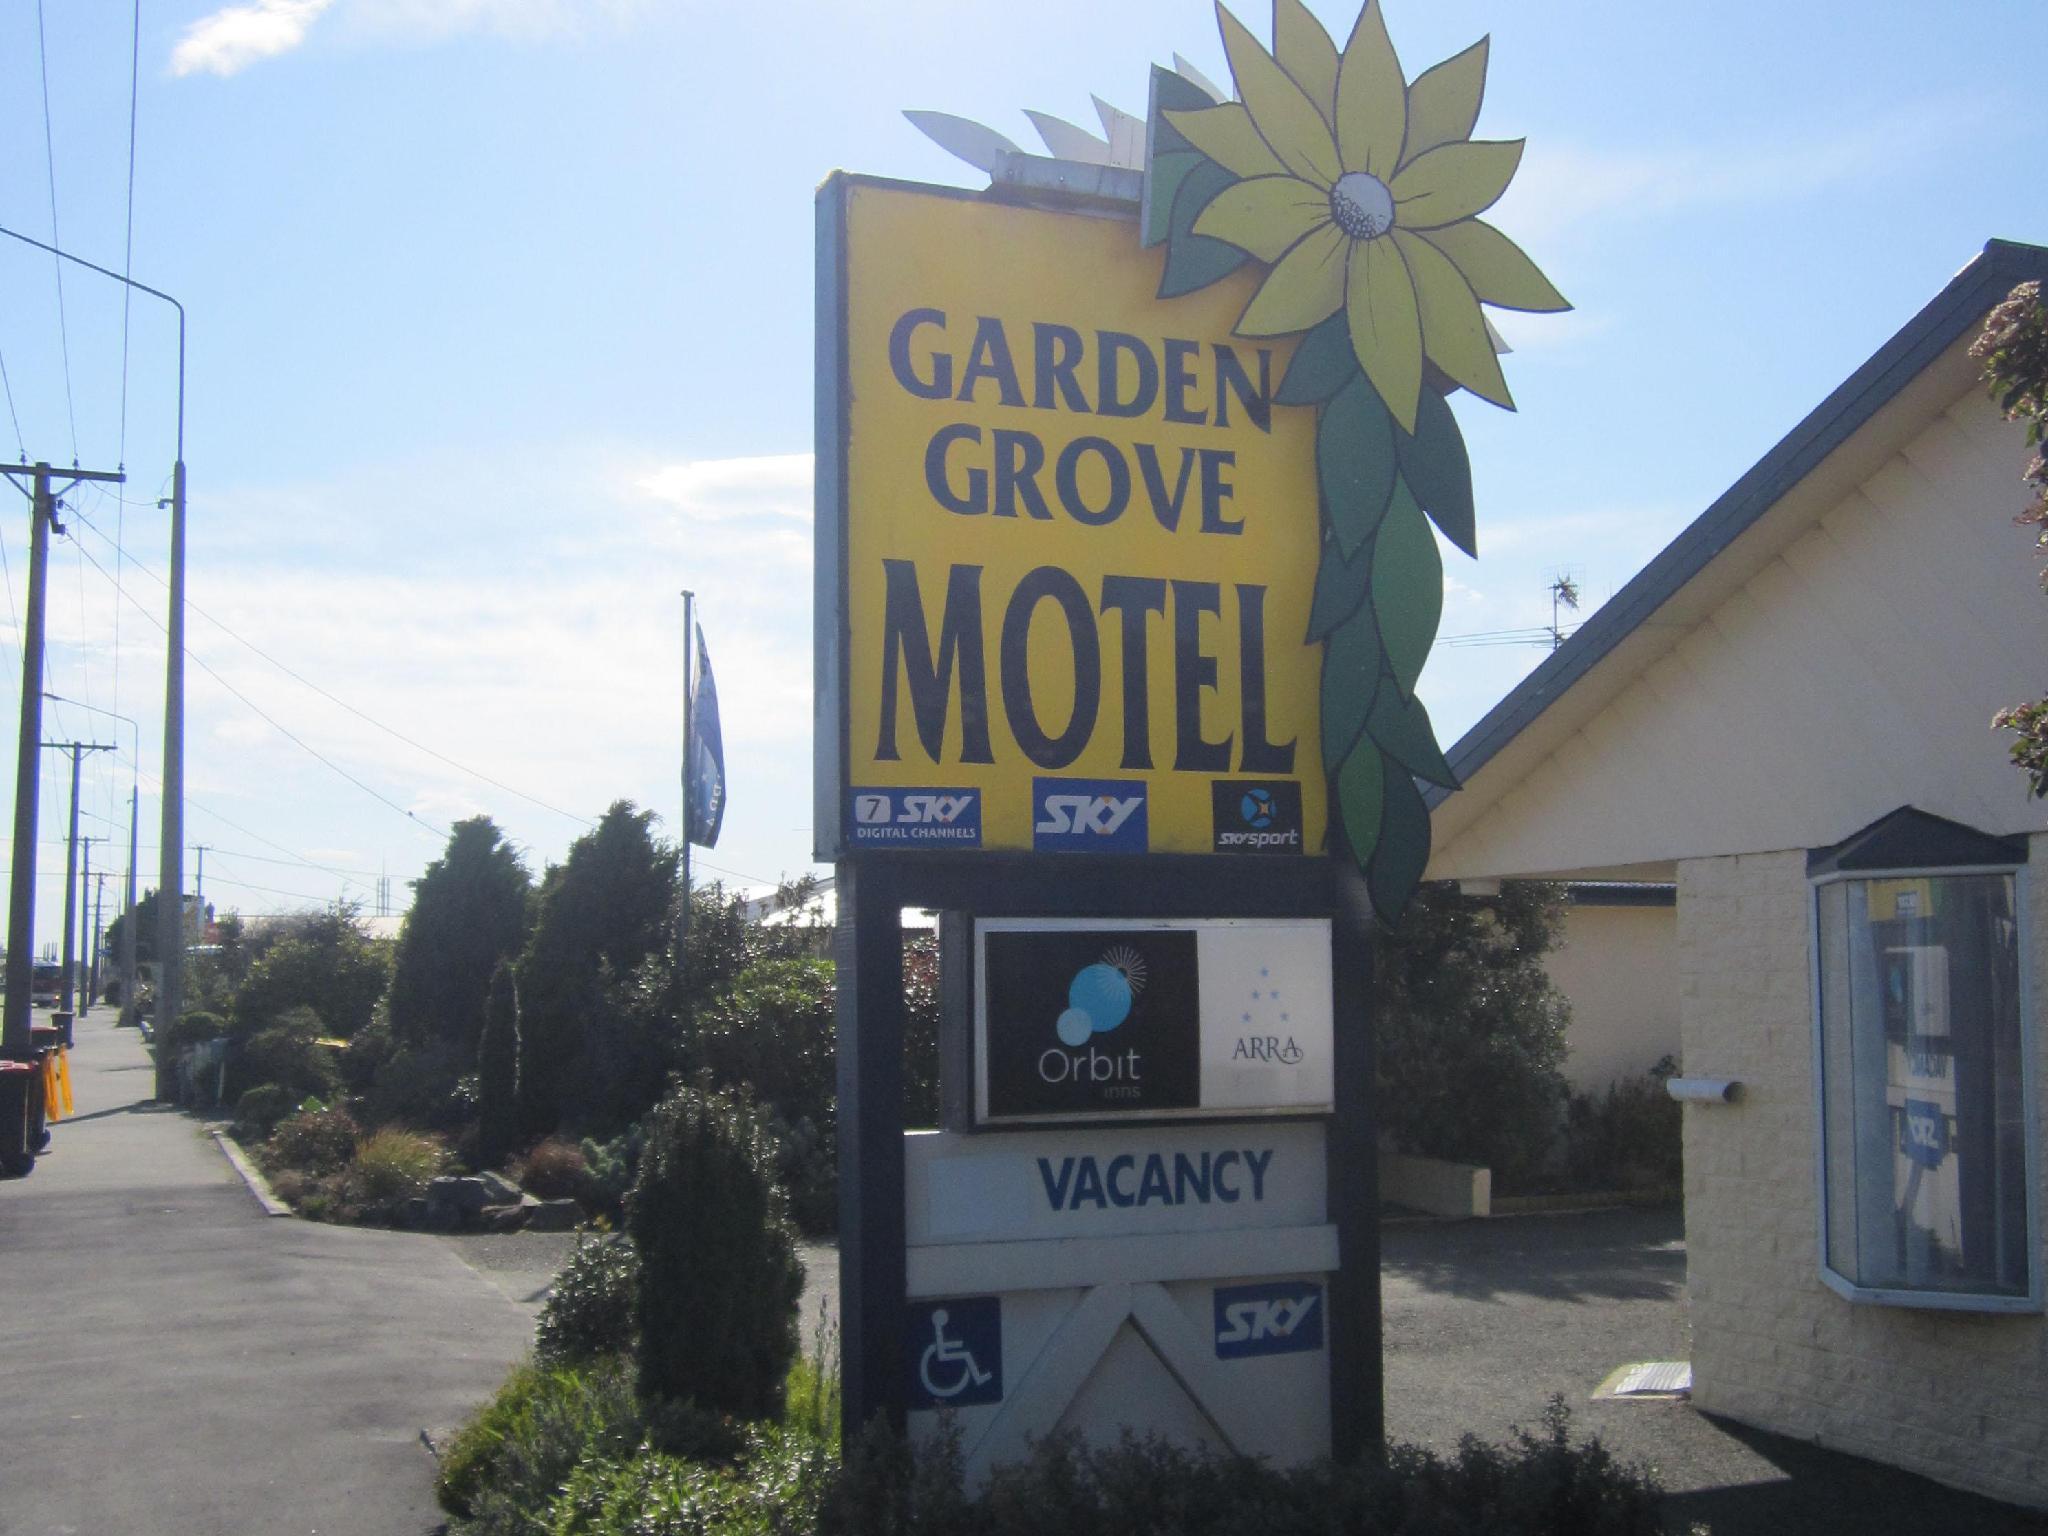 Arra Garden Grove Motel